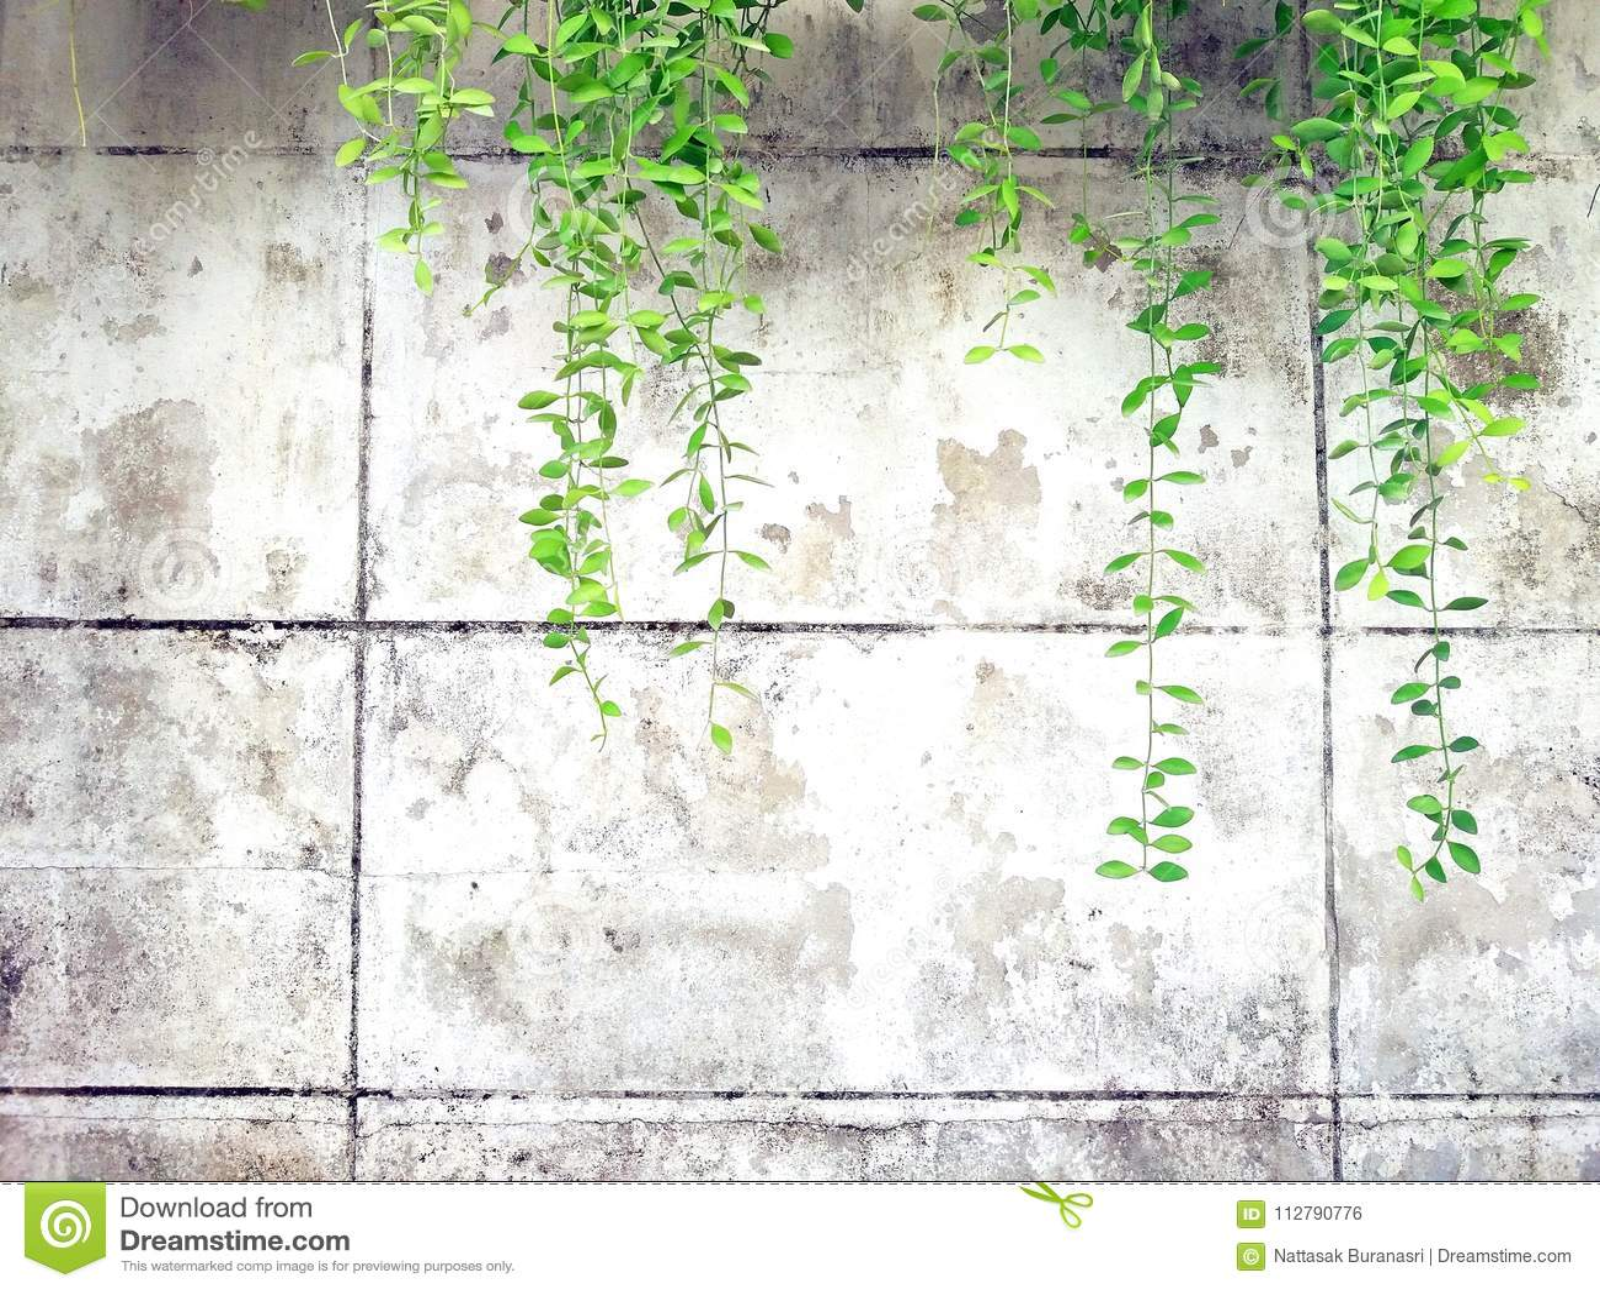 Videira verde, liana ou planta do rastejamento no cimento branco velho ou fundo abstrato da parede do grunge com espaço da cópia